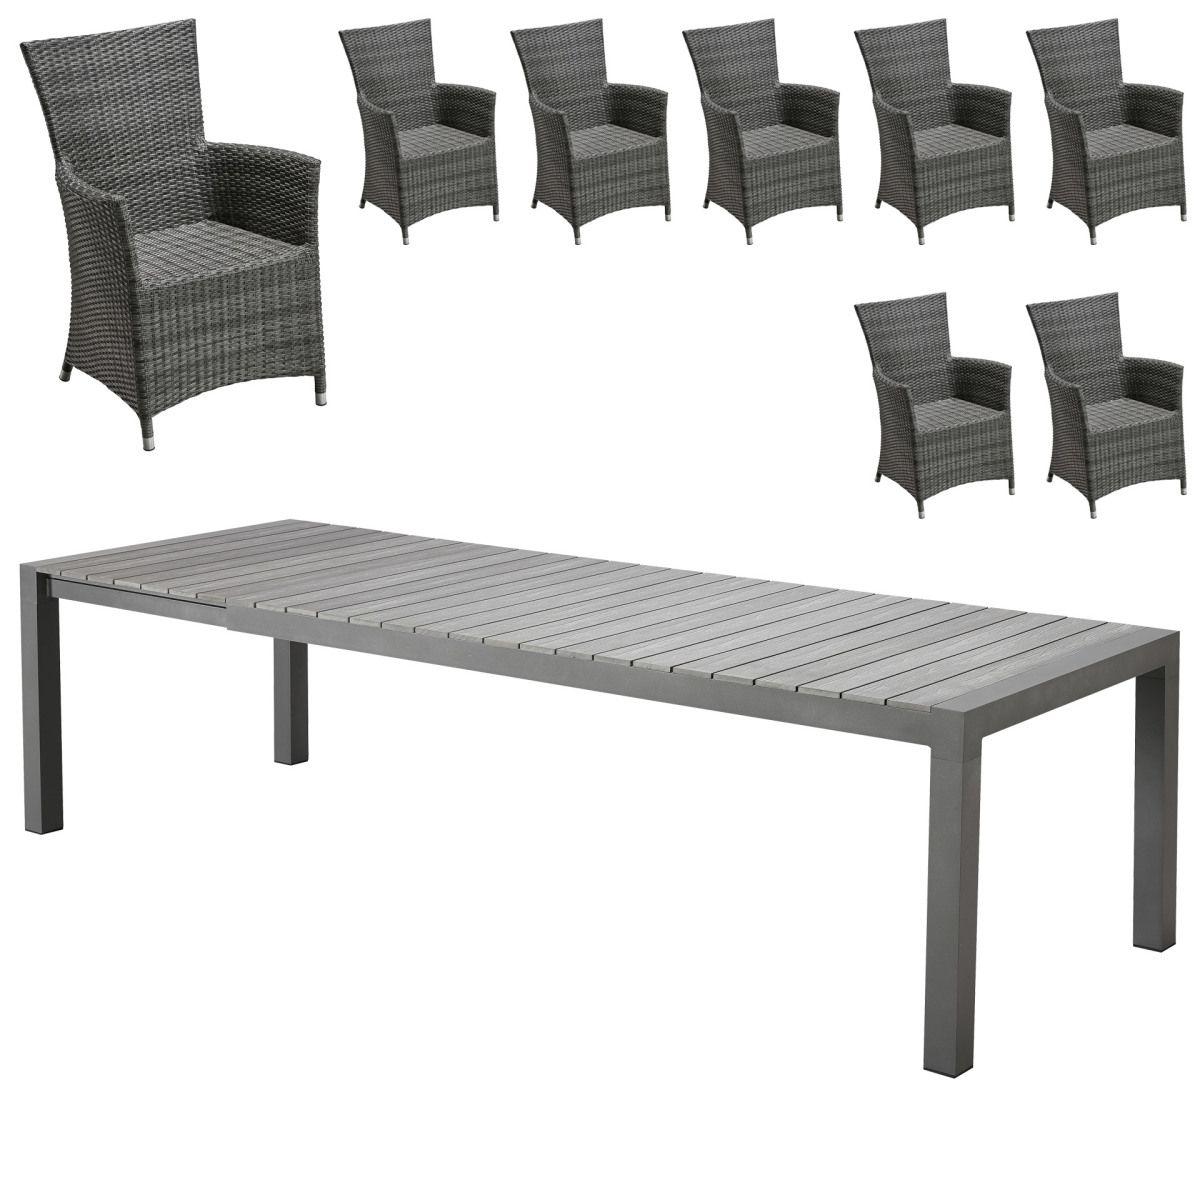 Gartenmöbel Set Miami XXL/ Kansas (95x205 275, 8 Stühle) Jetzt